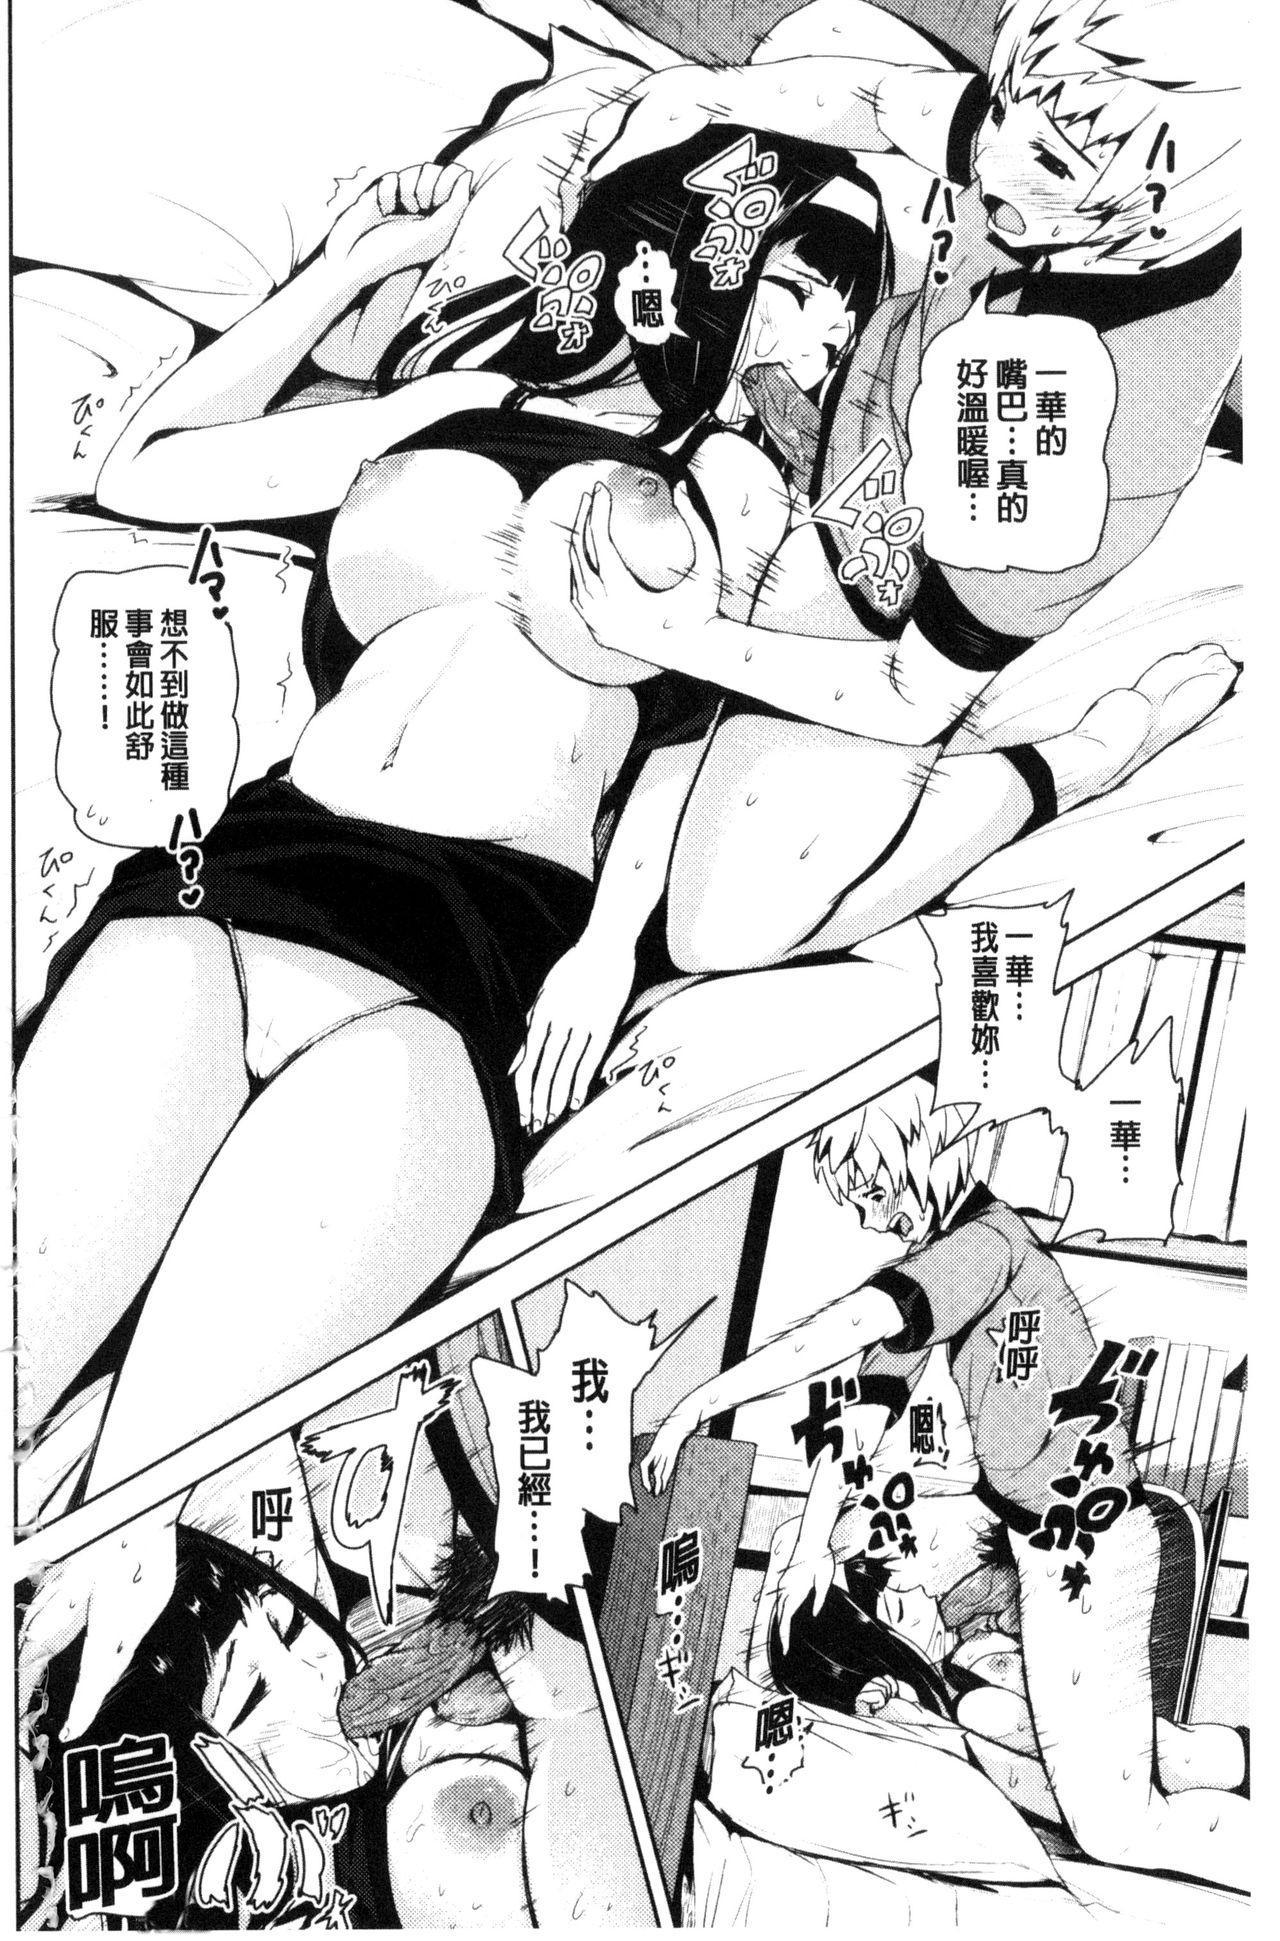 R18 Hatsuiku Shoujo 41